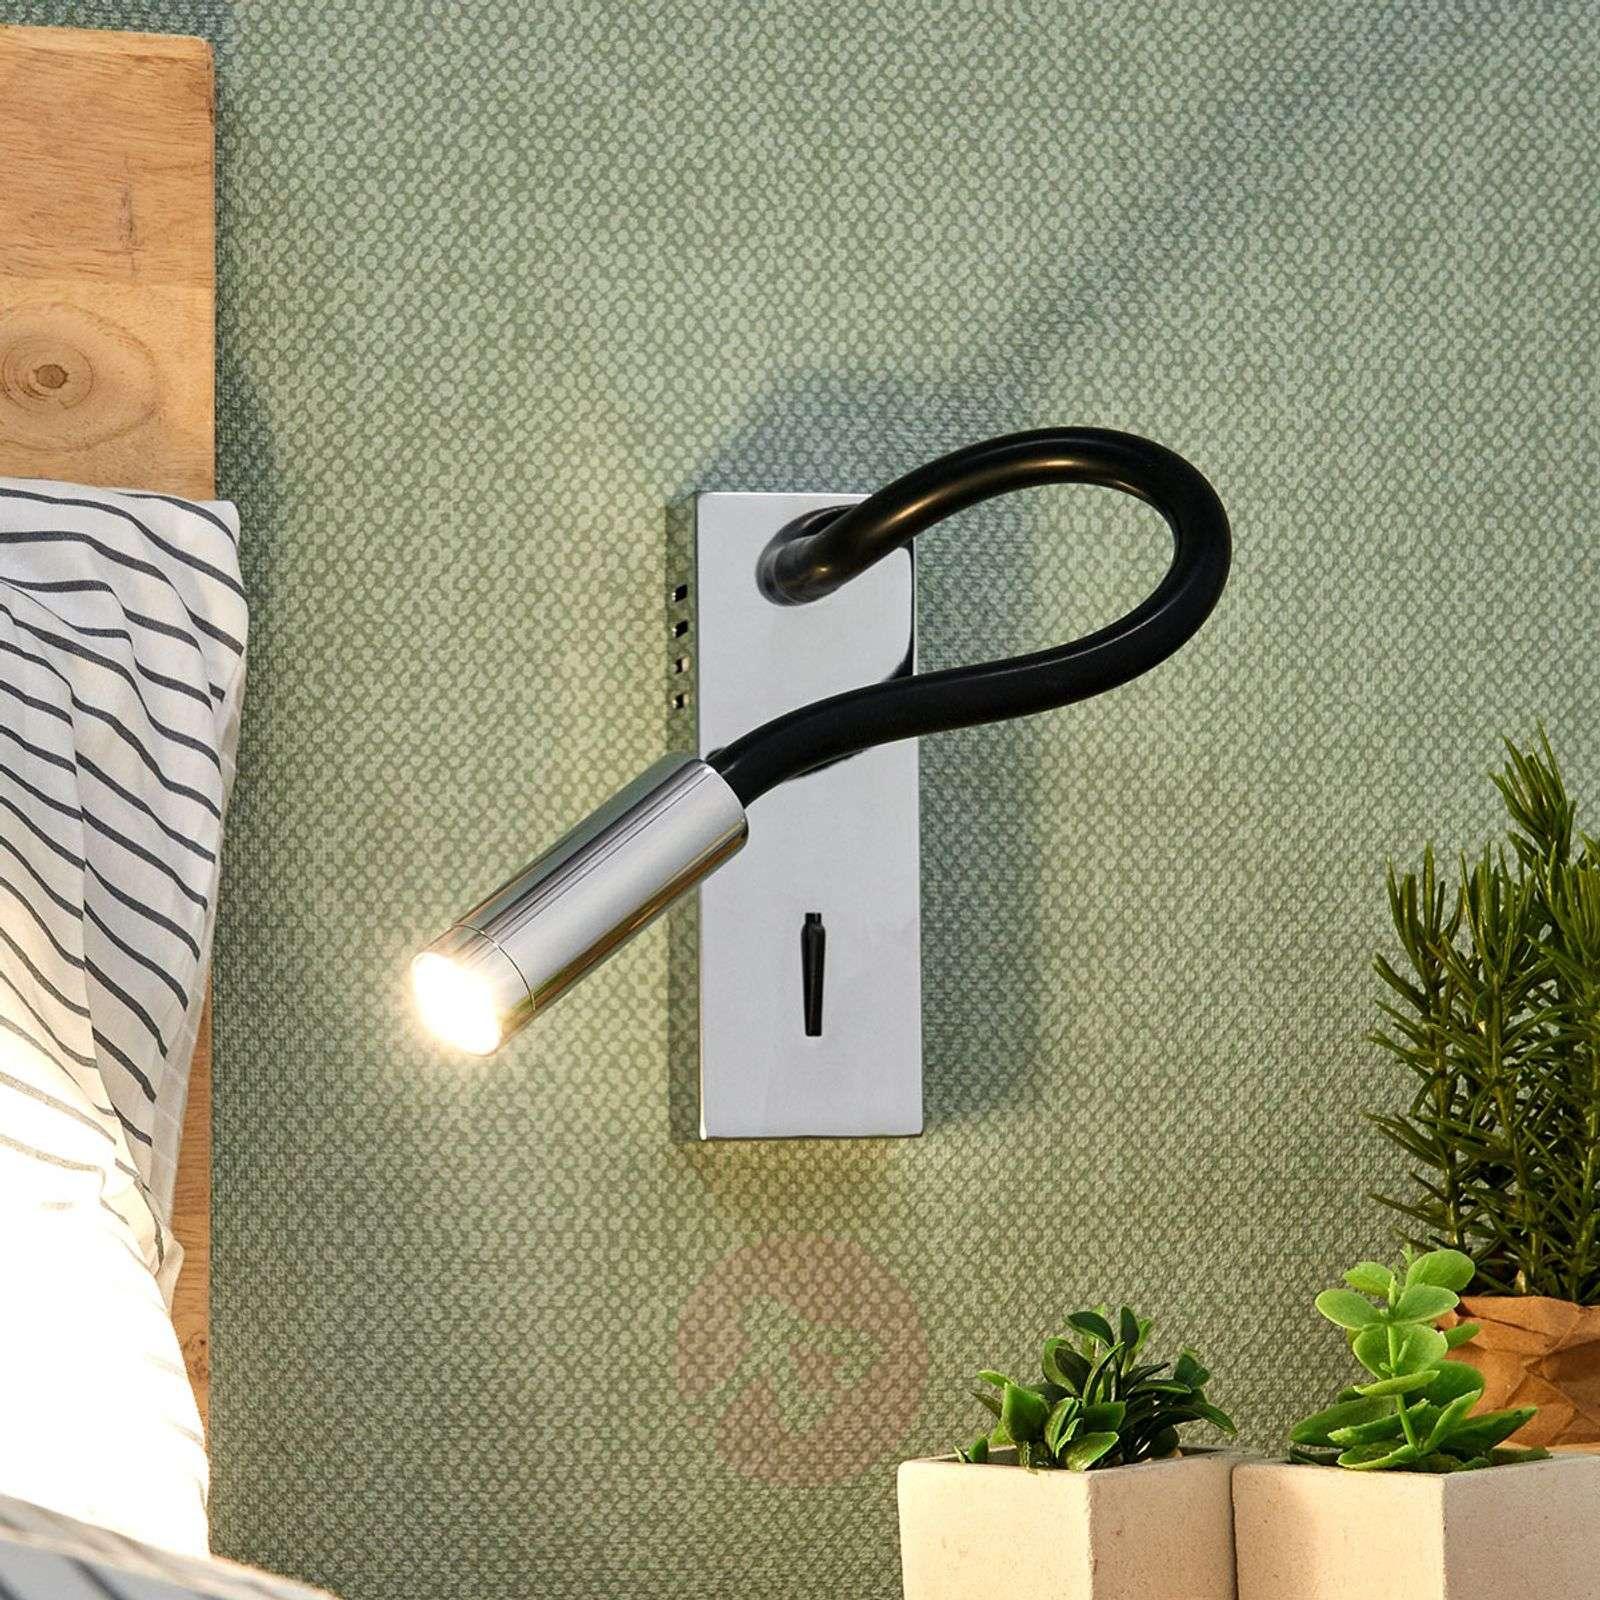 LED-seinävalaisin Bernardo taipuvalla varrella-9976029-02